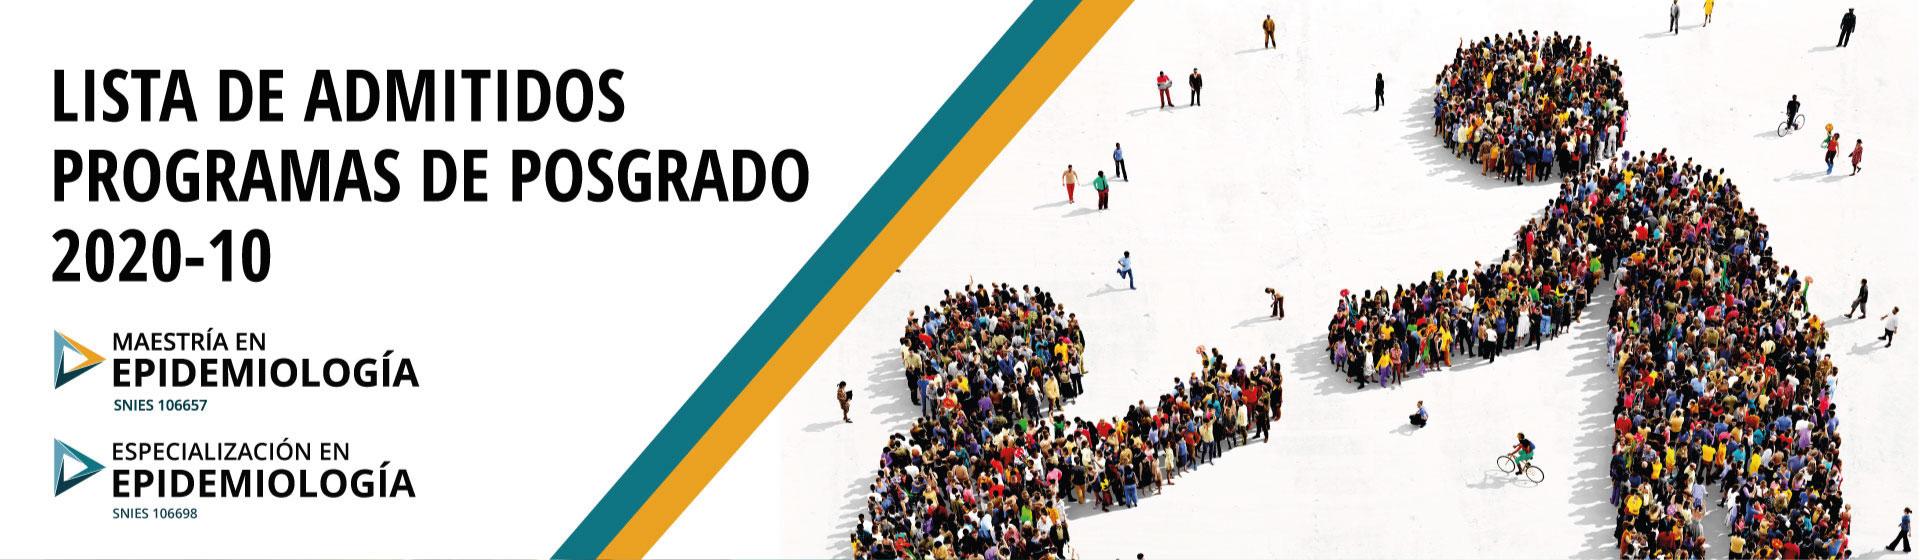 Lista de admitidos a programas de posgrado en Epidemiología 2020-10